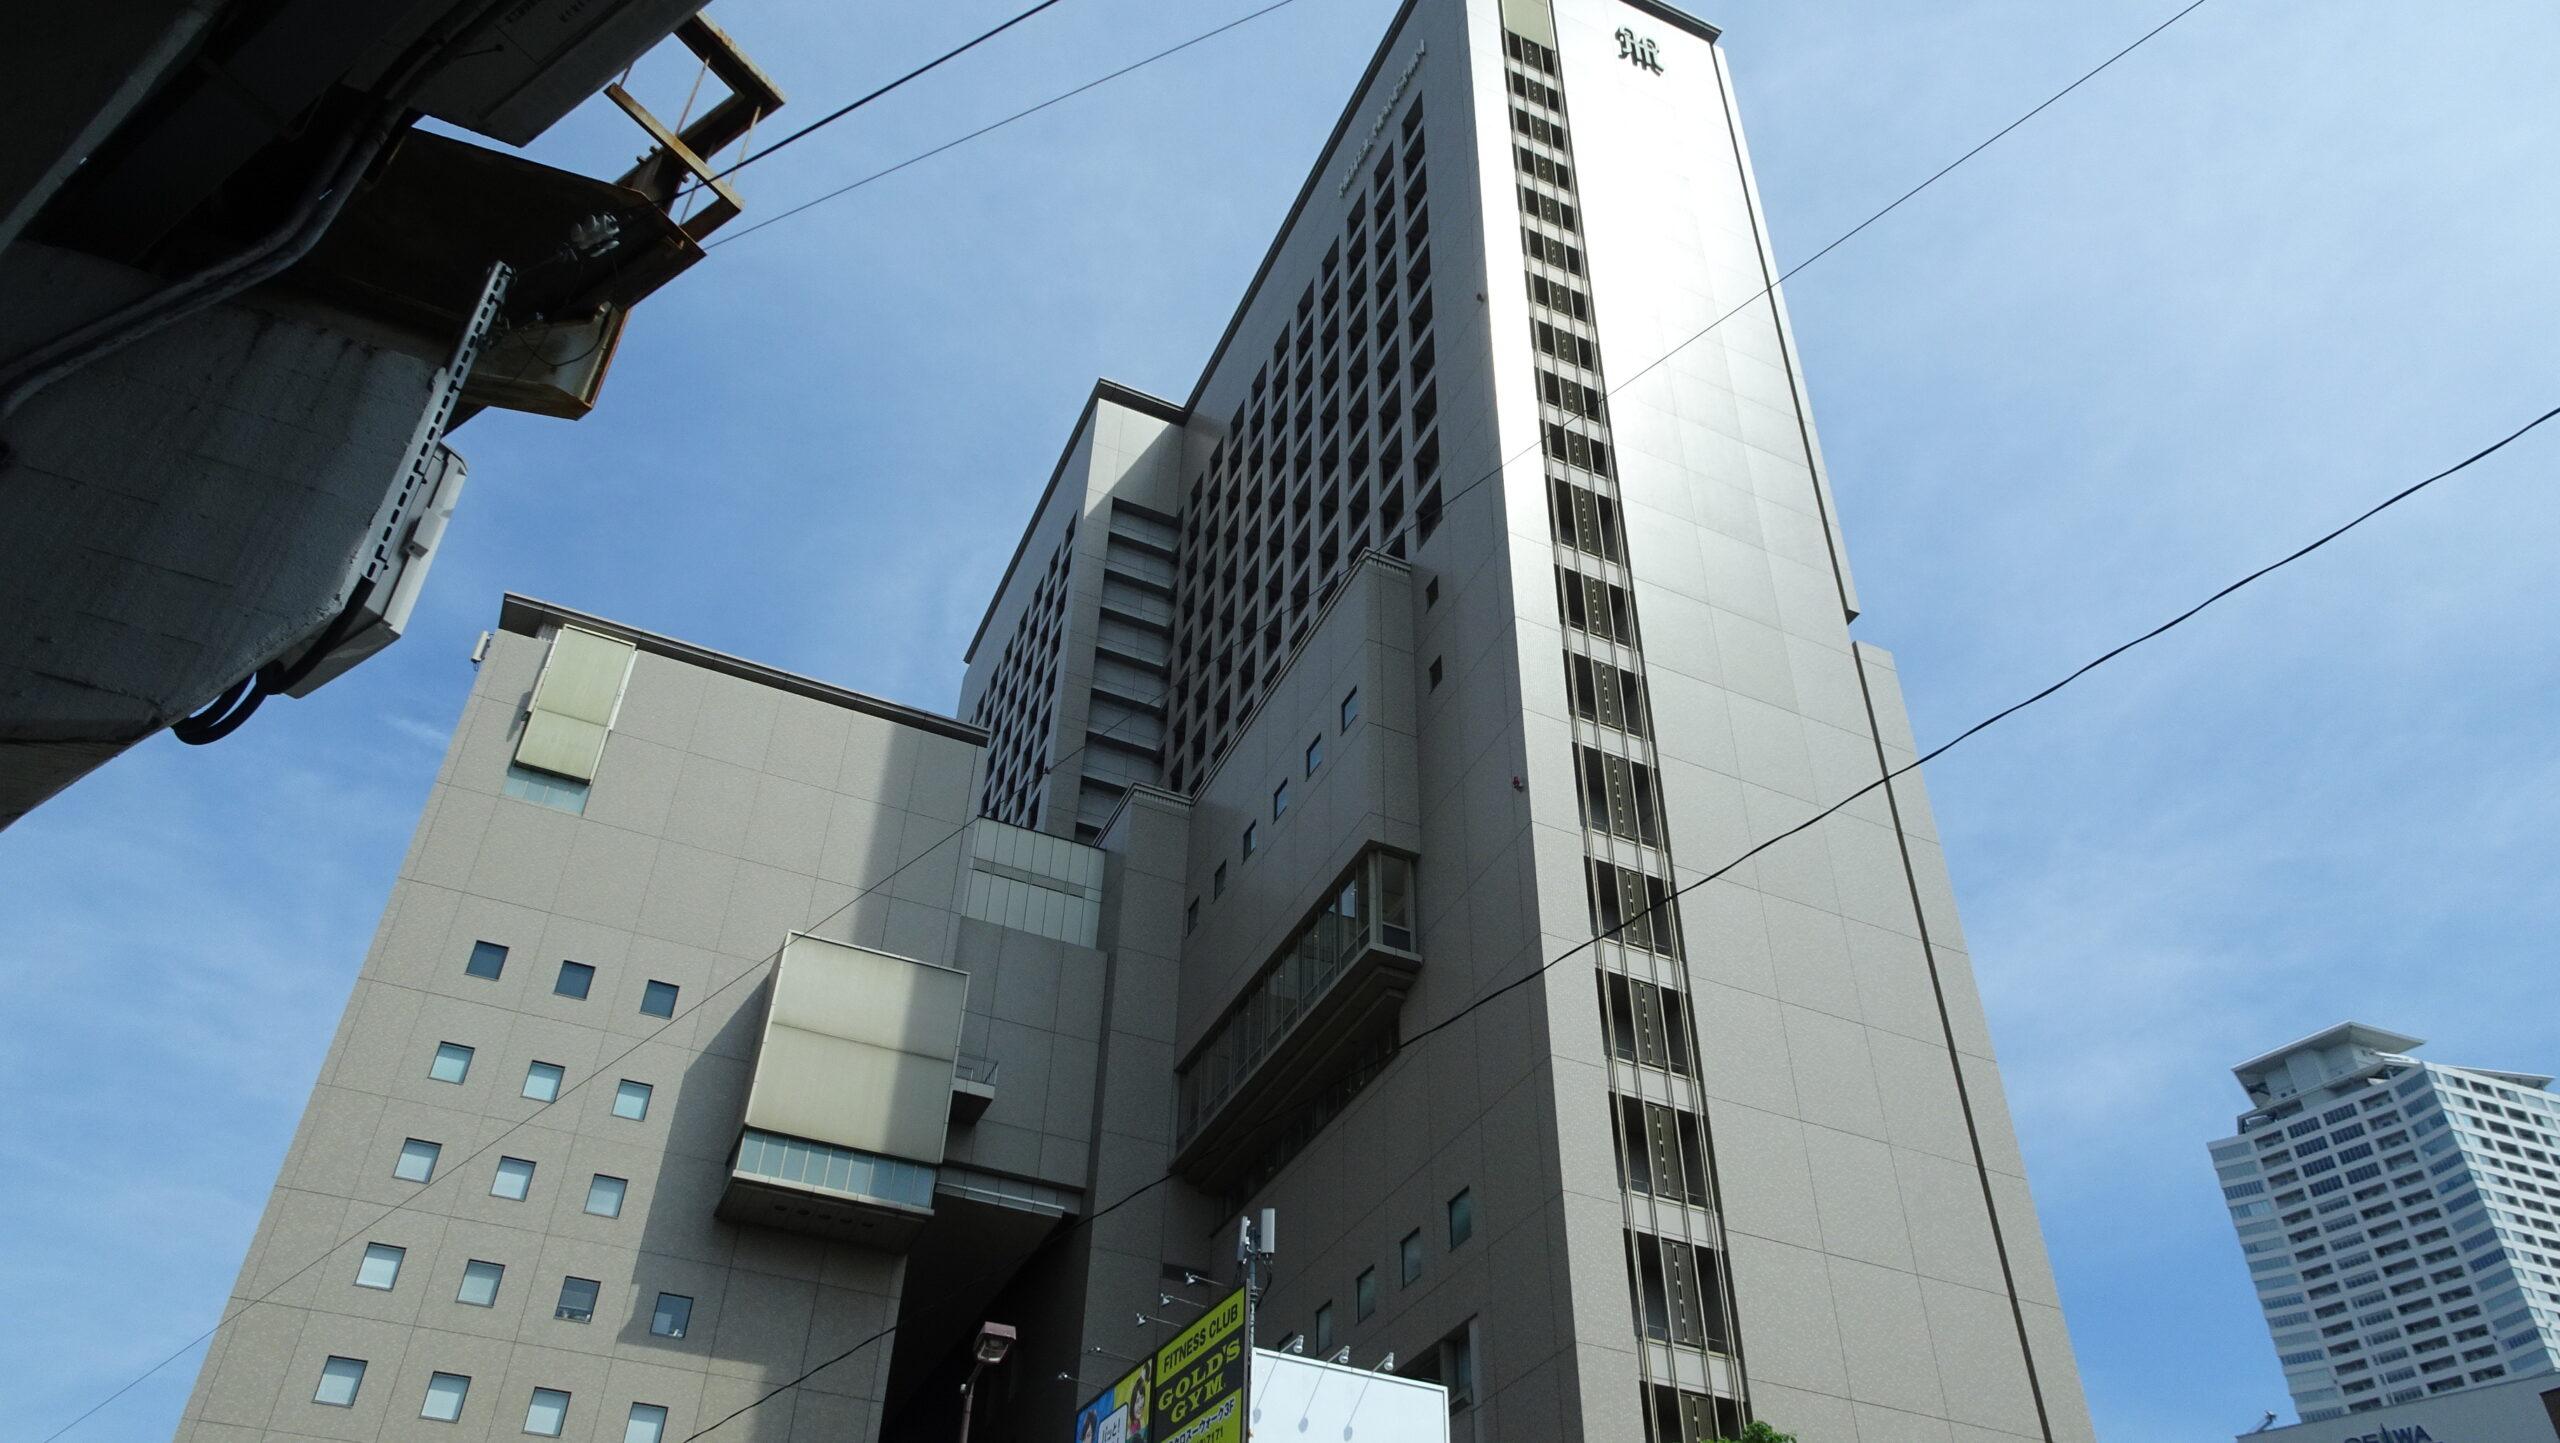 ホテル阪神大阪の外観